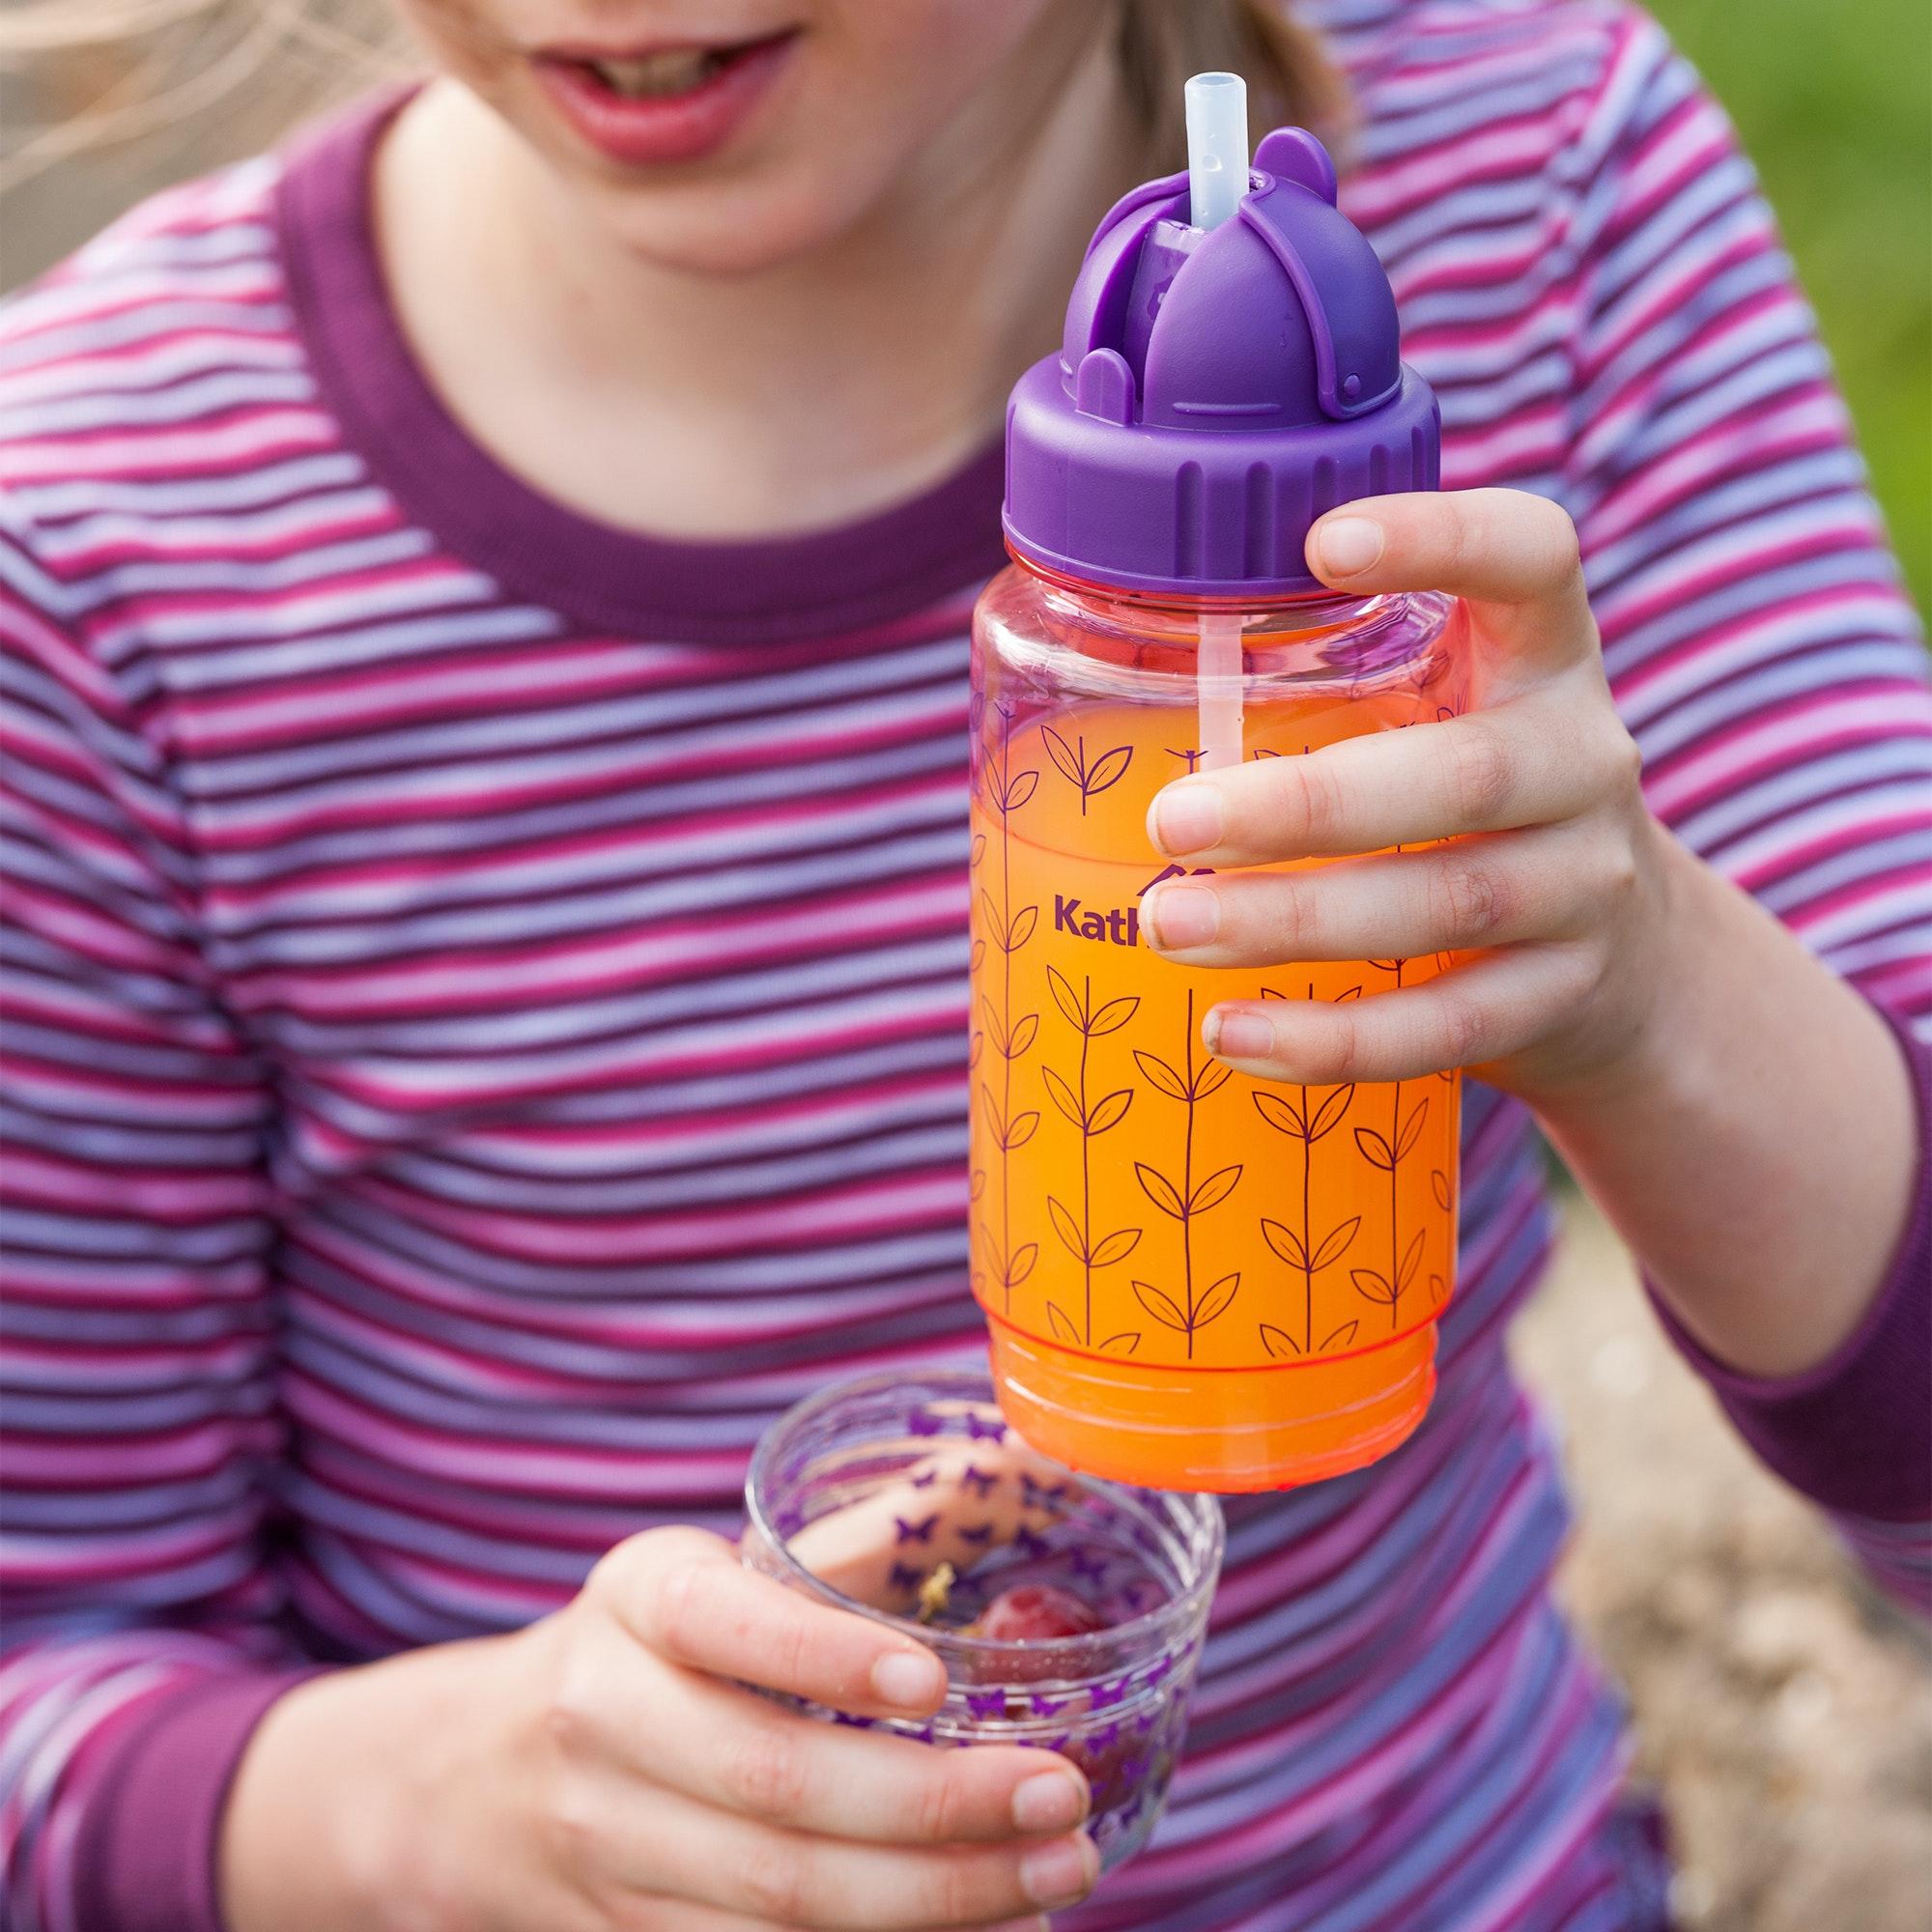 bpa free sip n 39 snack kids 39 drink bottle light navy blue. Black Bedroom Furniture Sets. Home Design Ideas